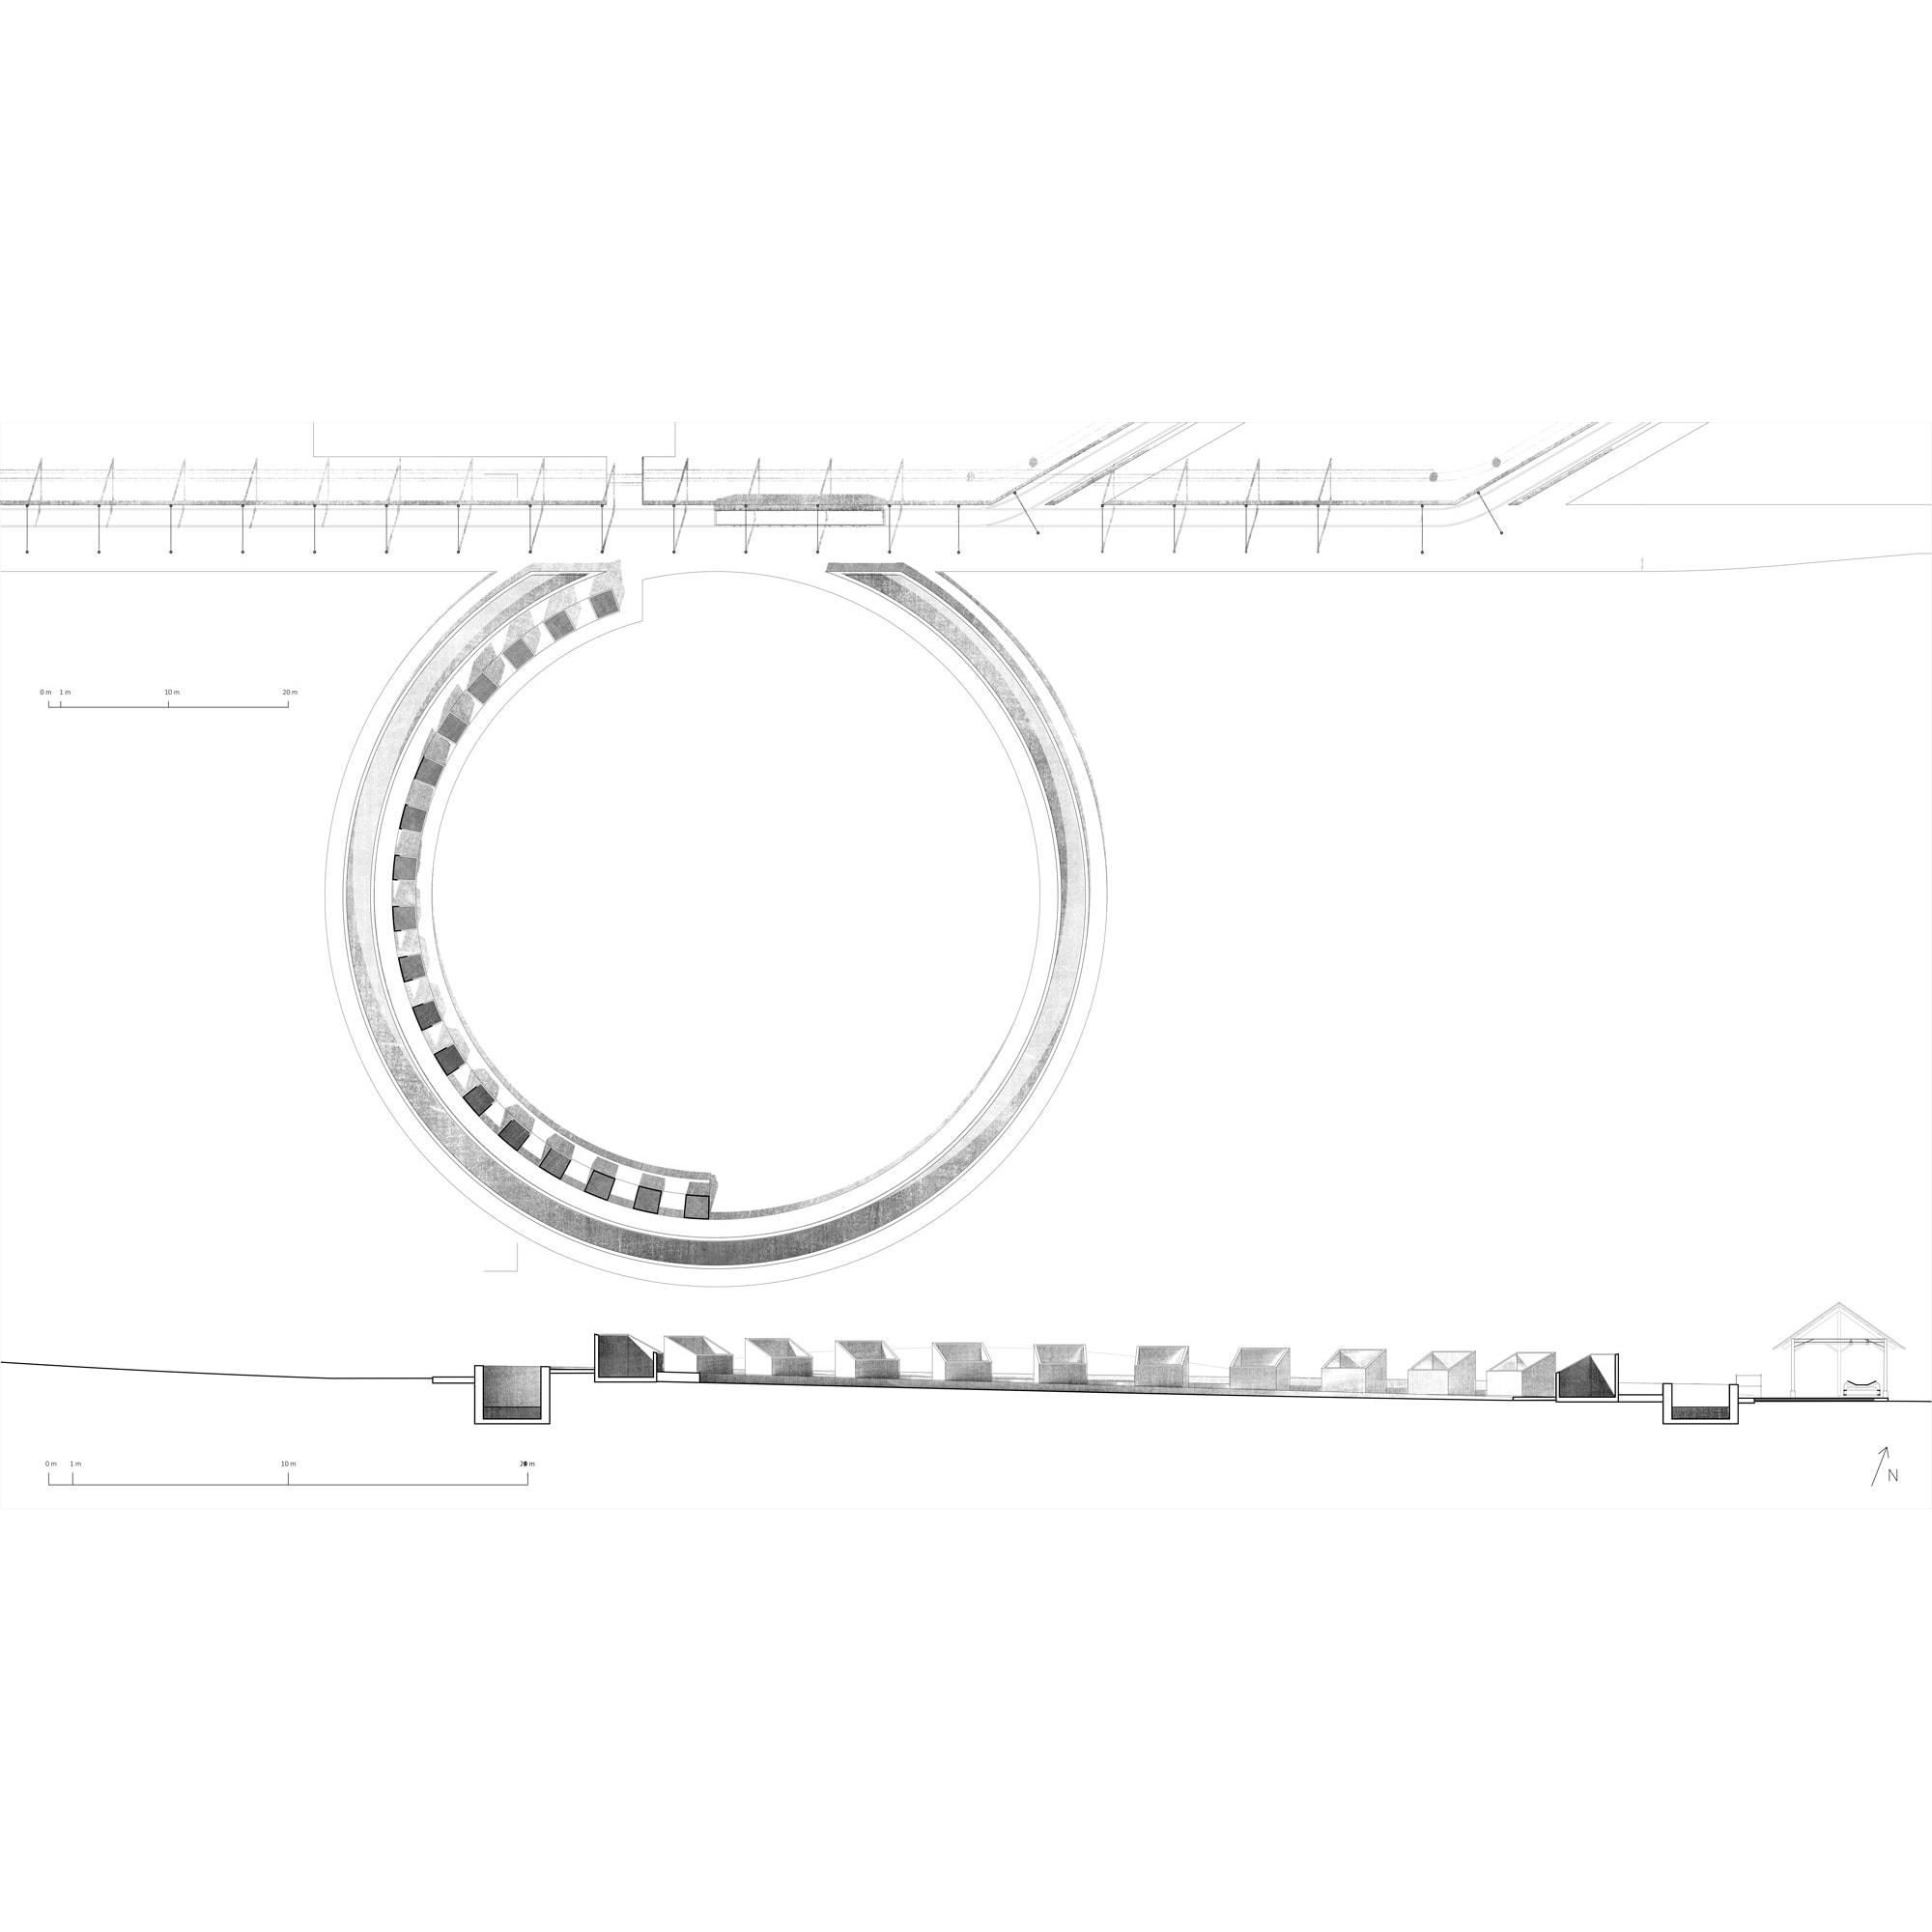 Plan / Section of growing circle